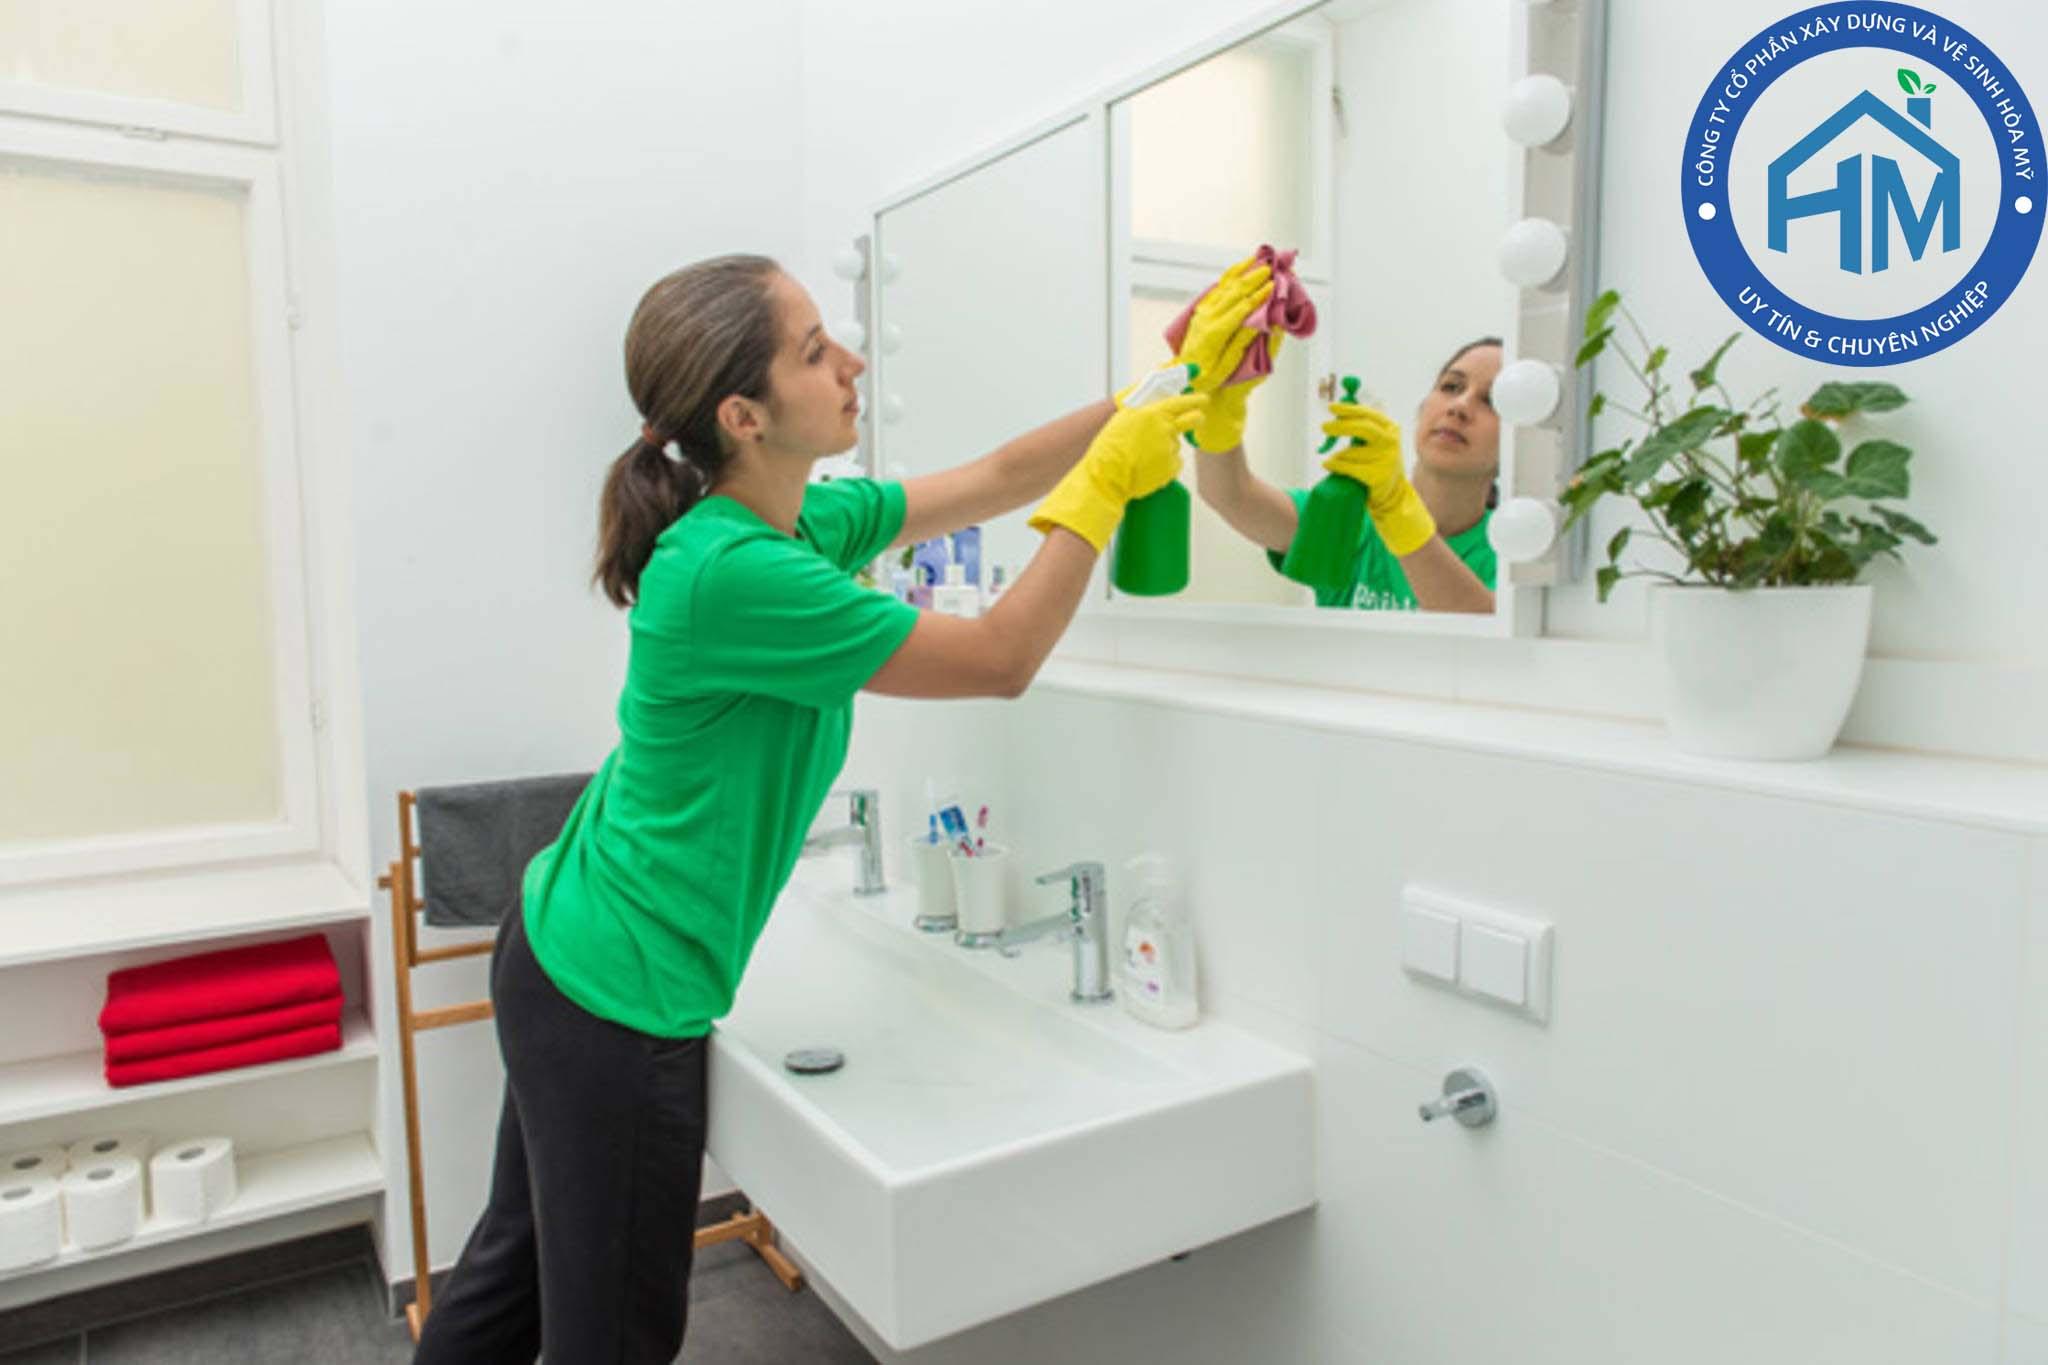 dịch vụ dọn dẹp vệ sinh văn phòng chuyên nghiệp